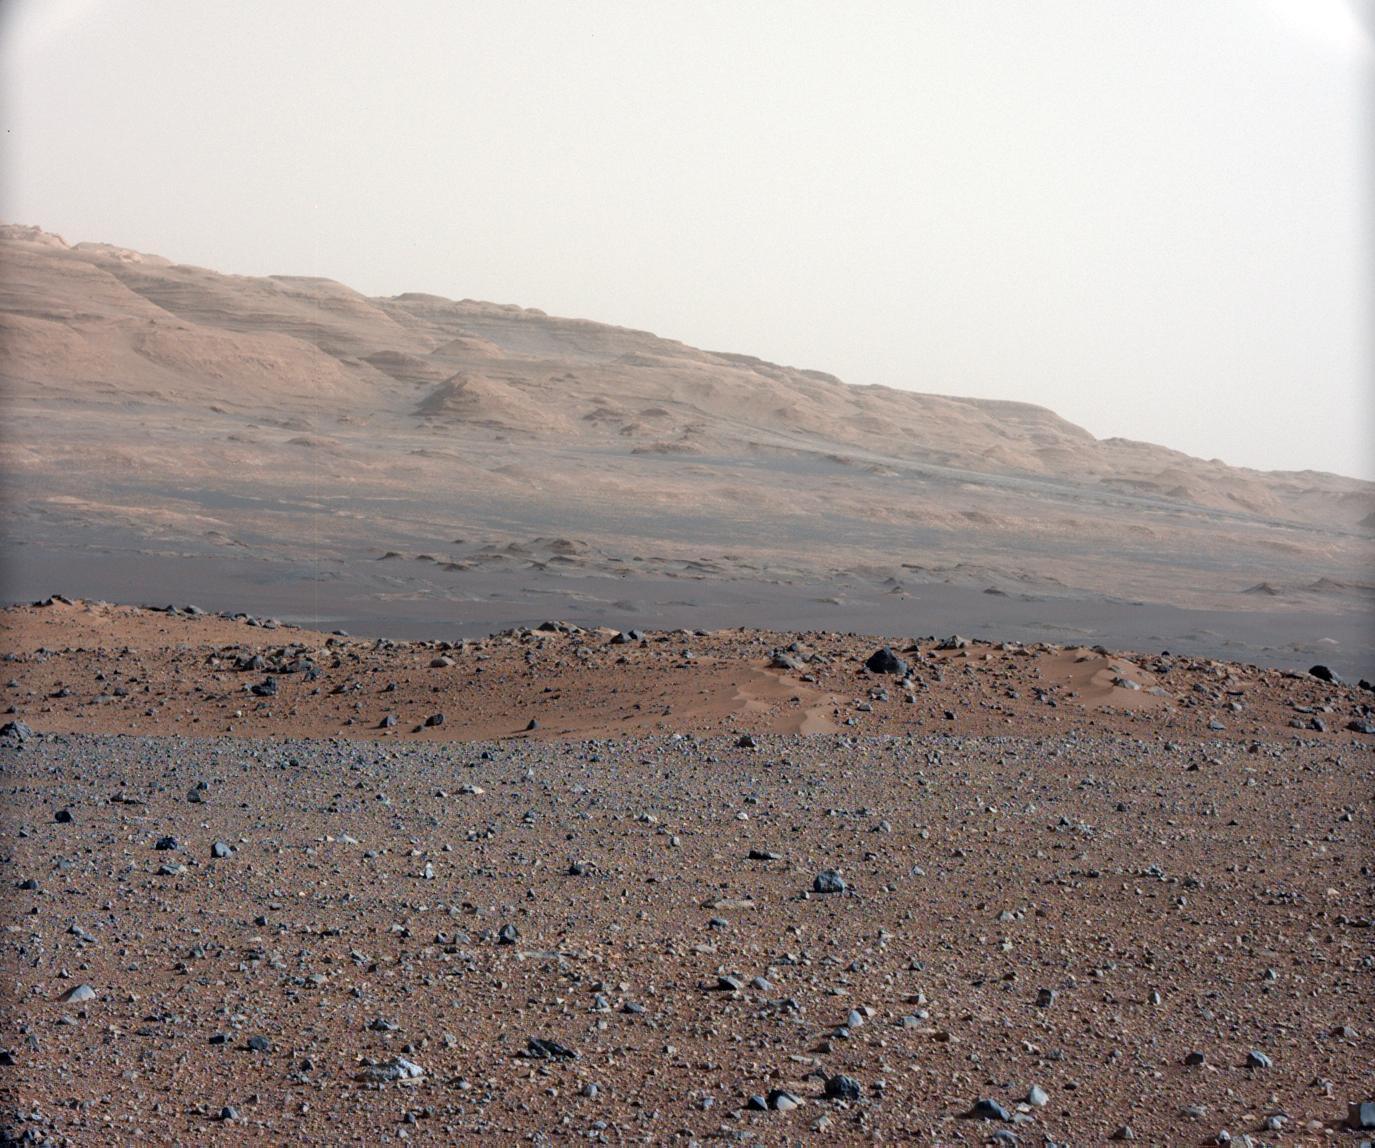 Focusing Curiosity Rover's 34-Millimeter Mastcam